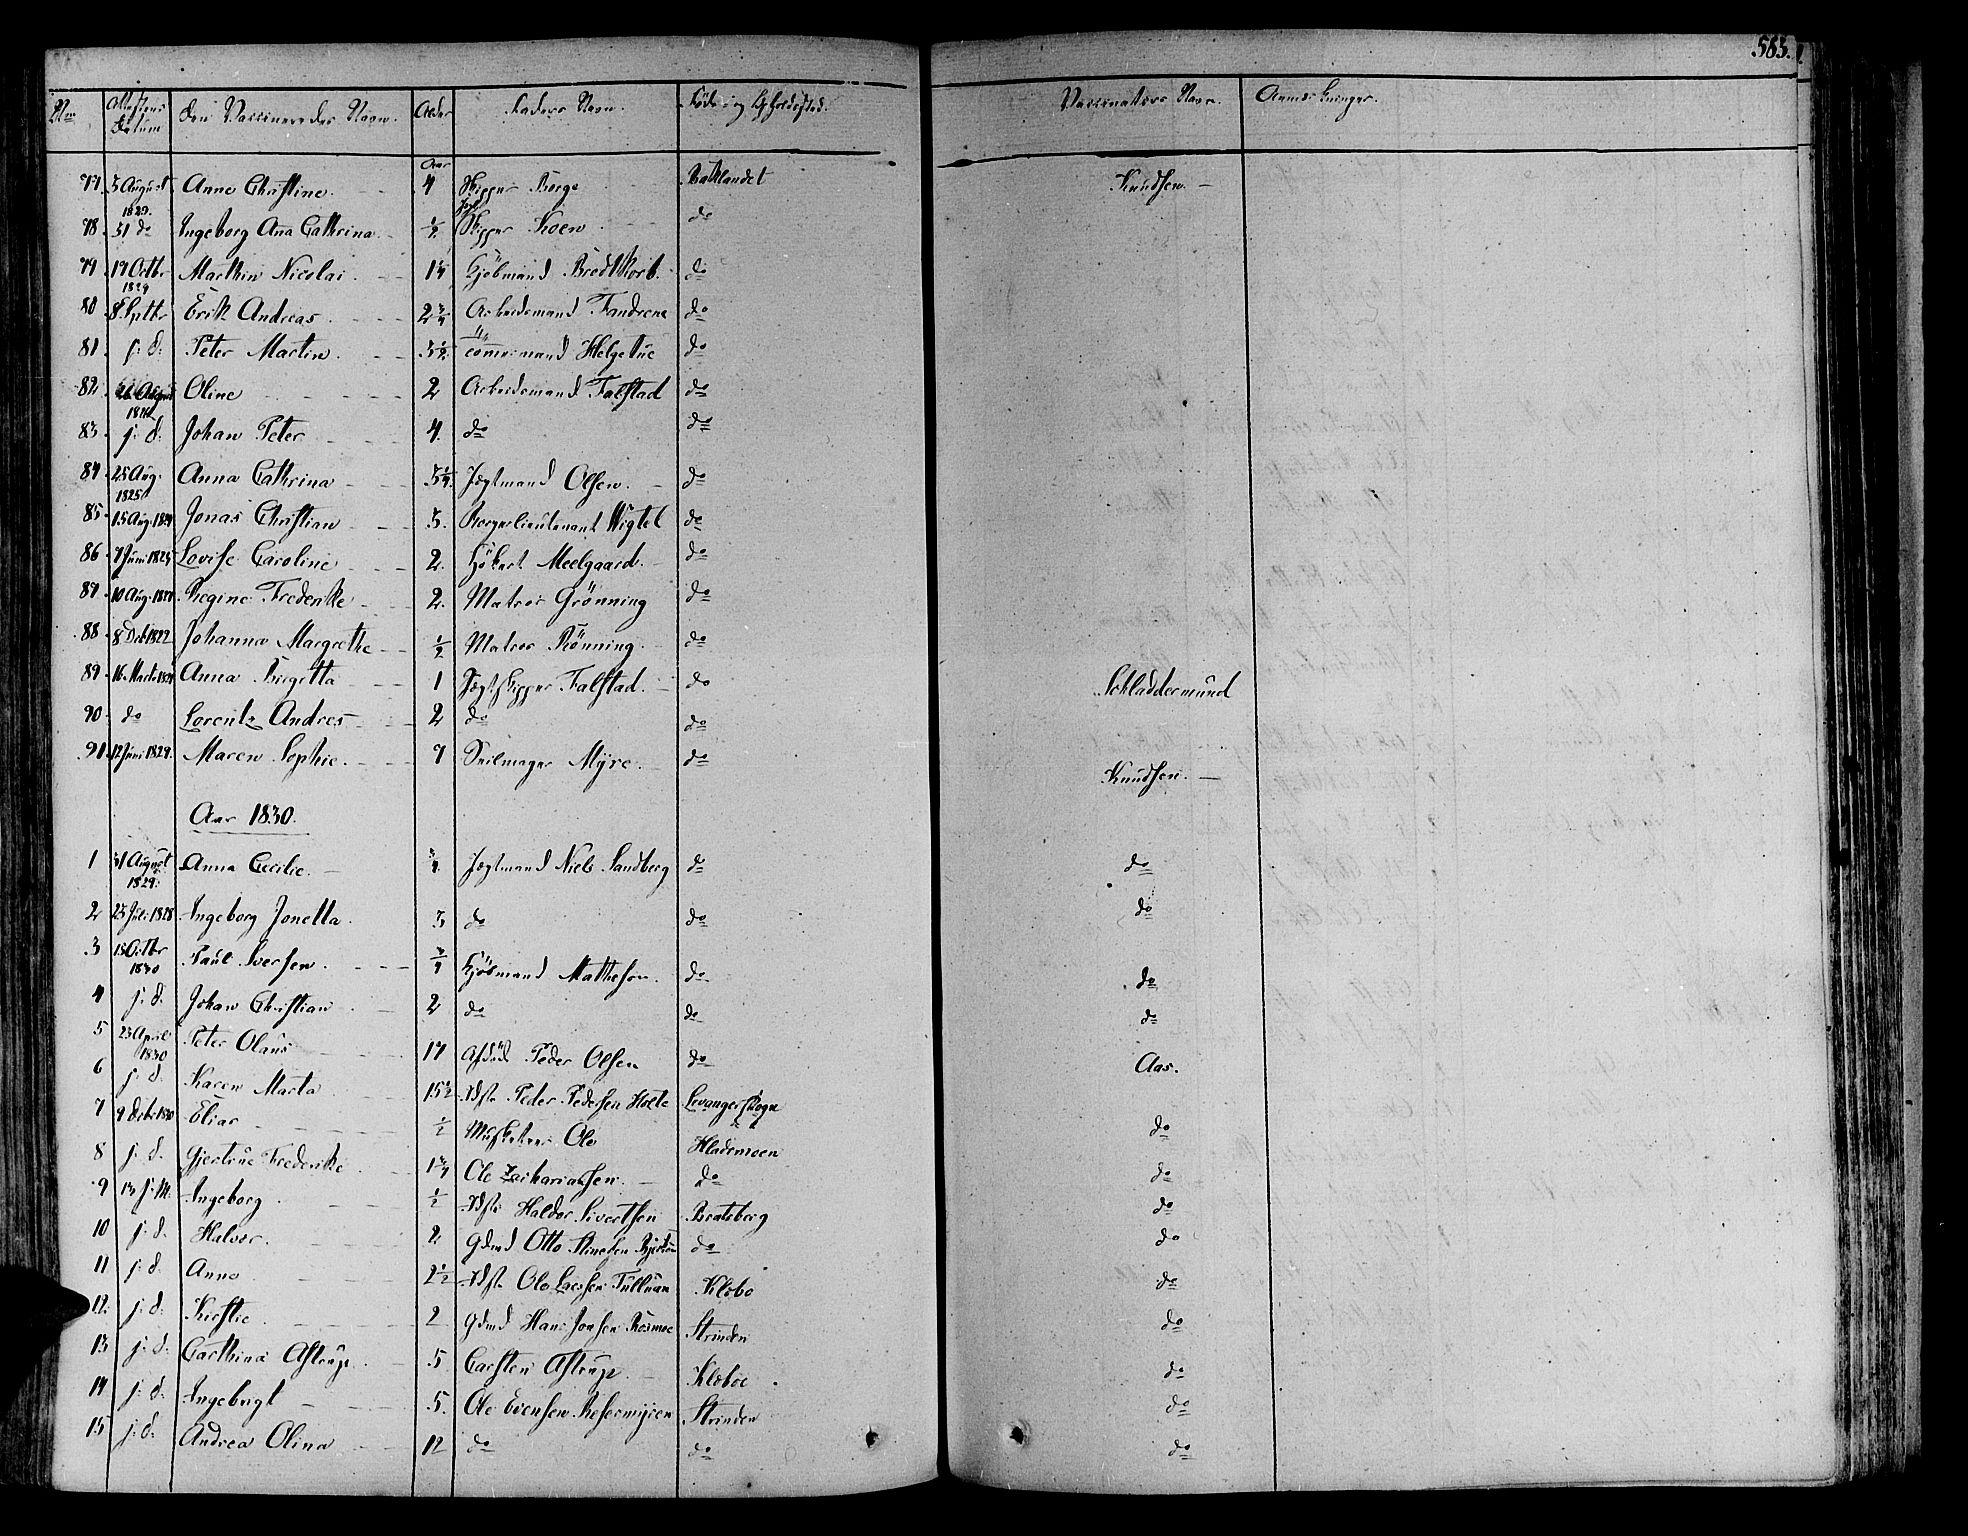 SAT, Ministerialprotokoller, klokkerbøker og fødselsregistre - Sør-Trøndelag, 606/L0286: Ministerialbok nr. 606A04 /1, 1823-1840, s. 583